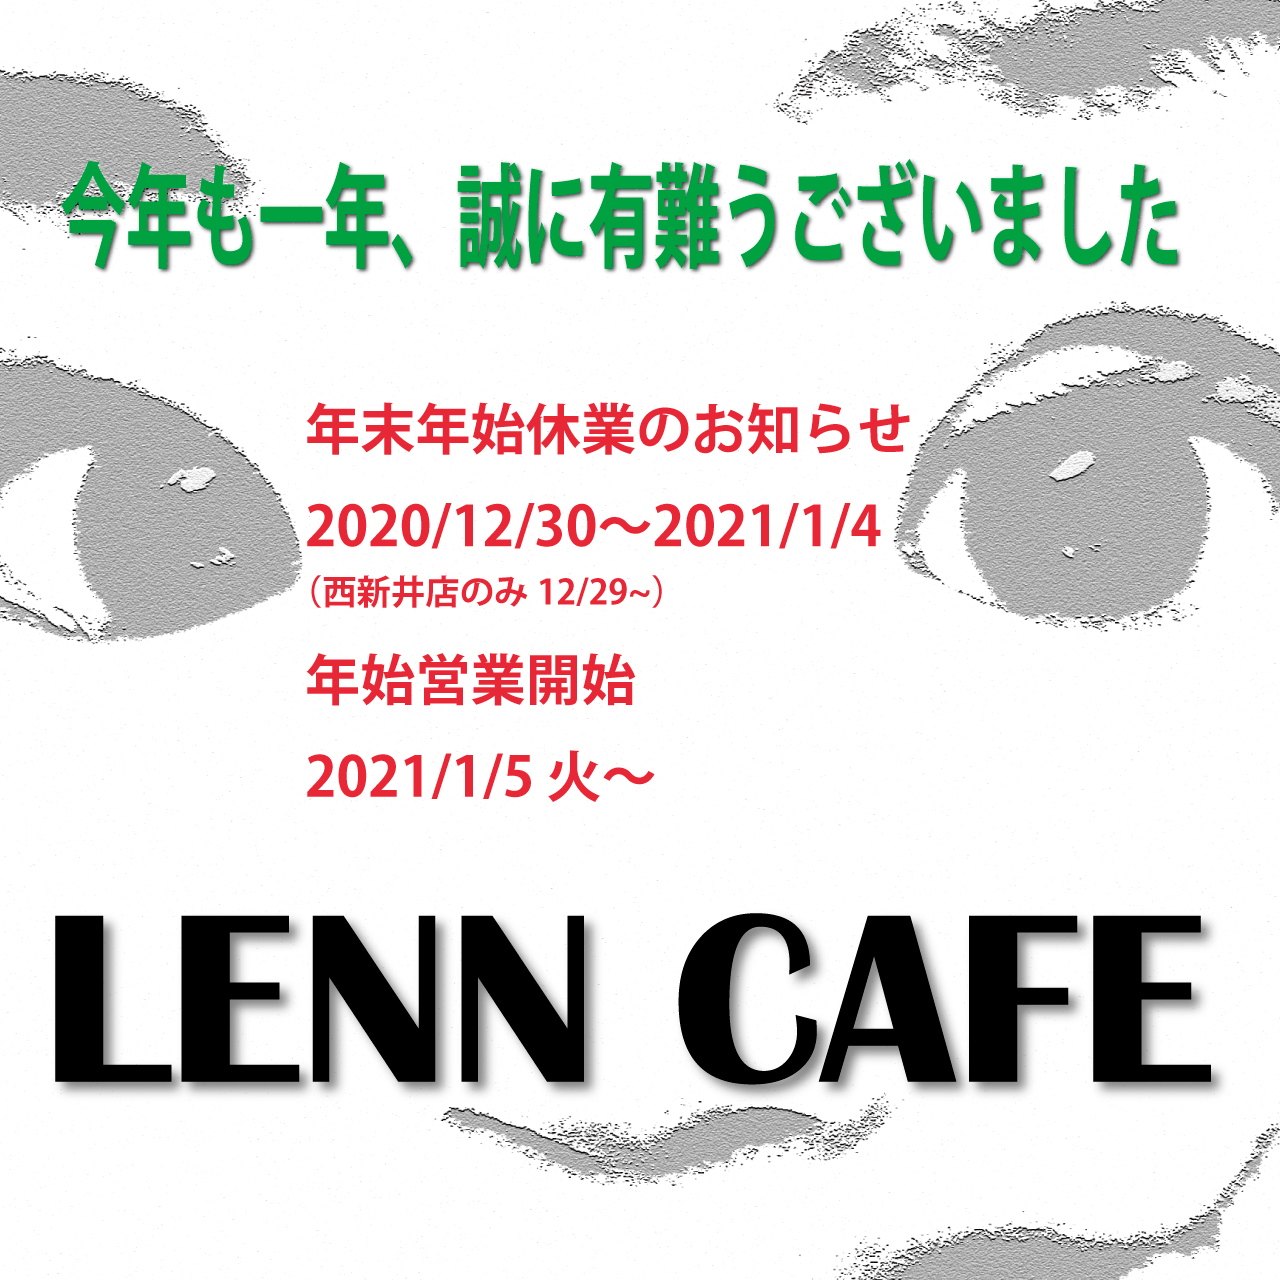 レンカフェ(LENN CAFE)年末年始2020-2021